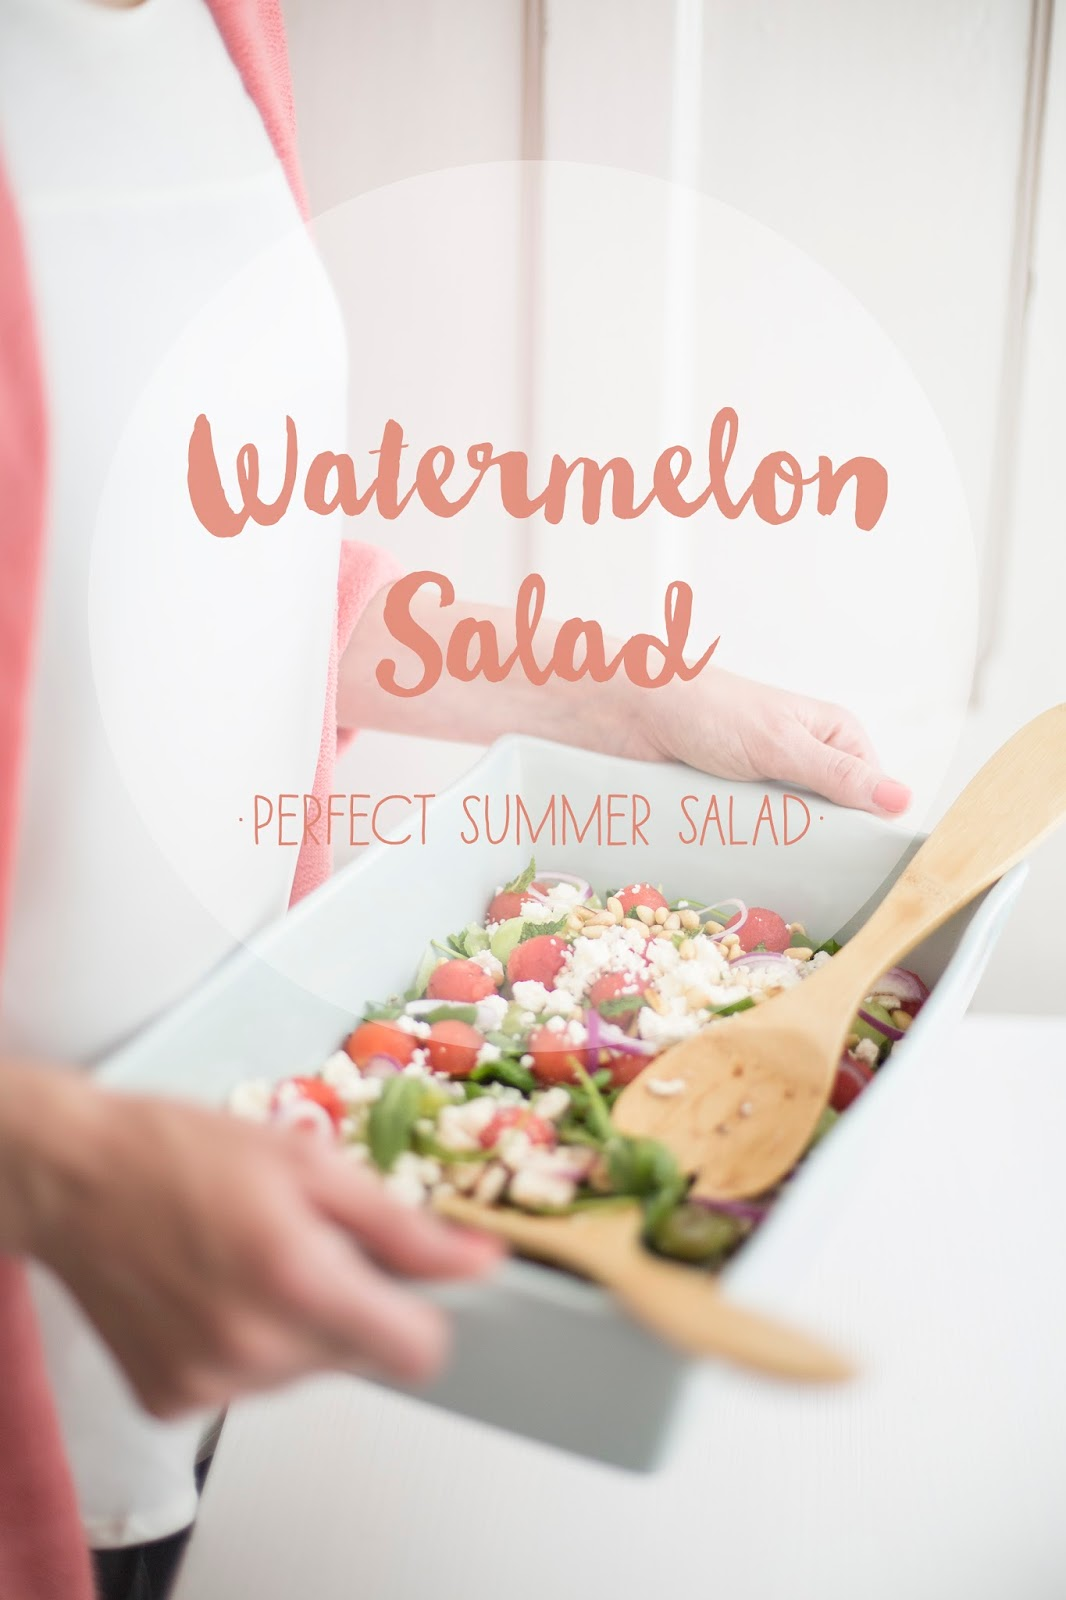 Watermelon Salad - Wassermelonensalat